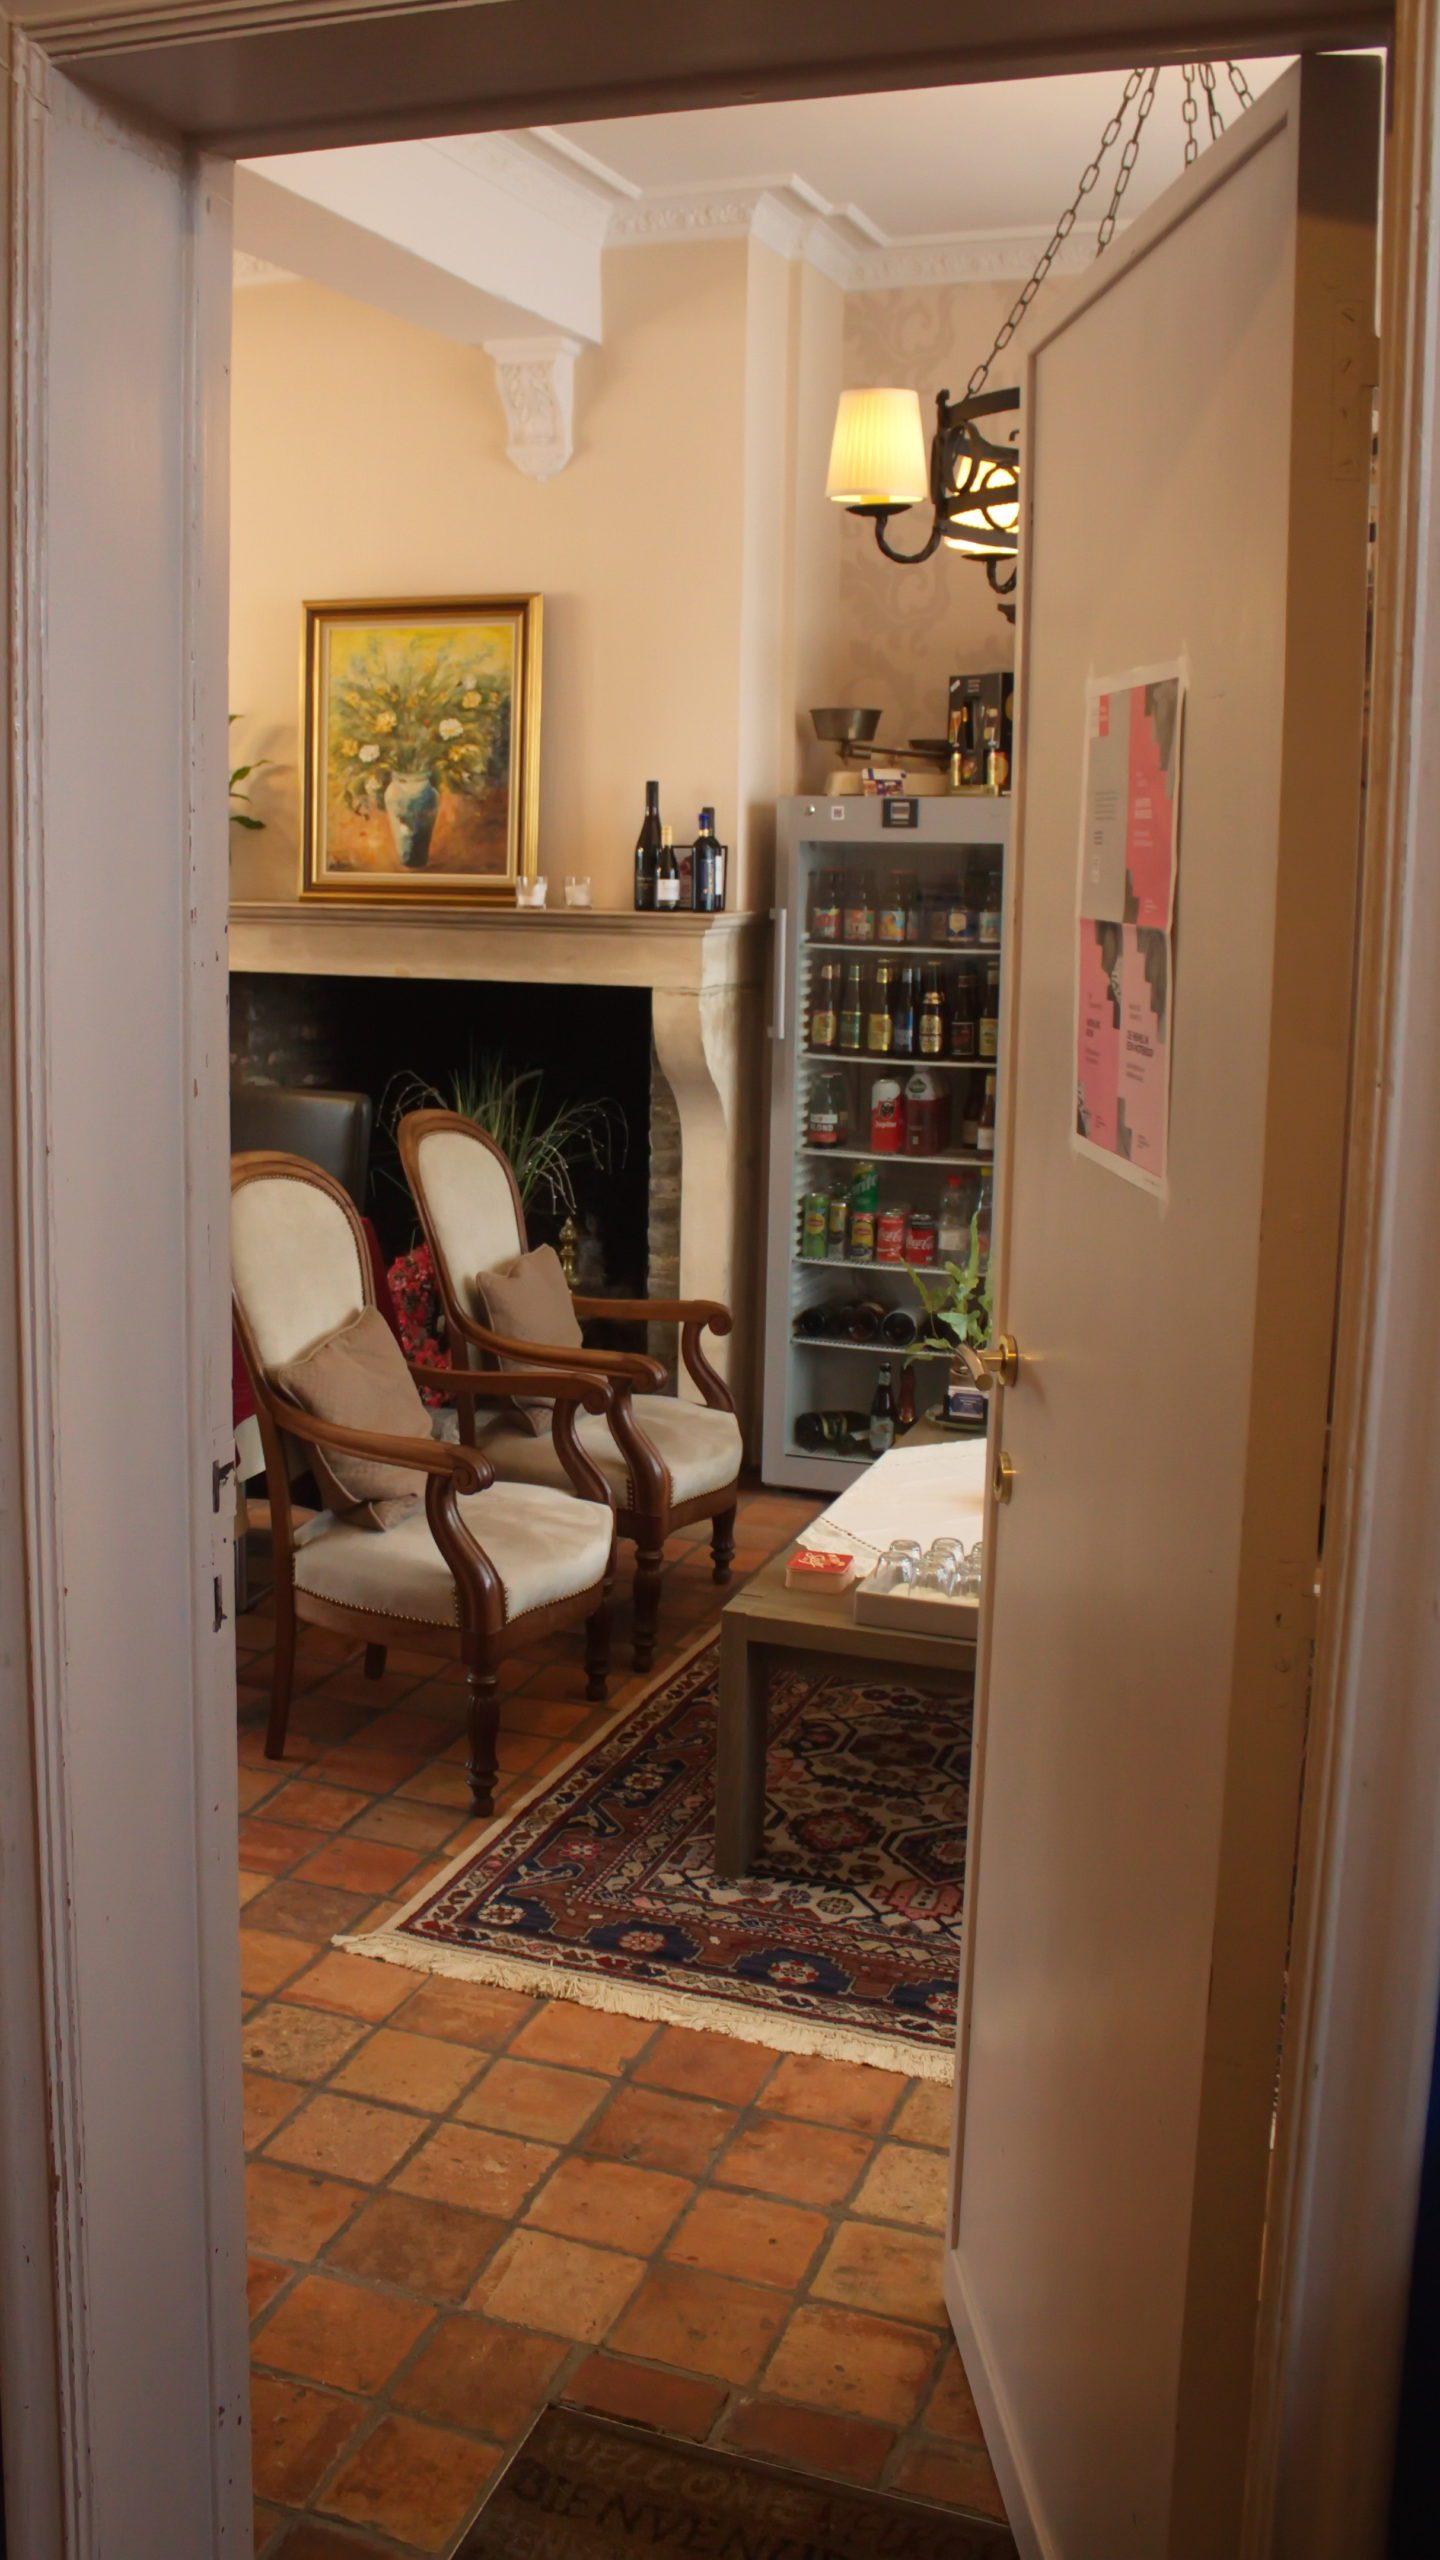 open deur naar ontbijtruimte - ontvangstruimte met honesty bar